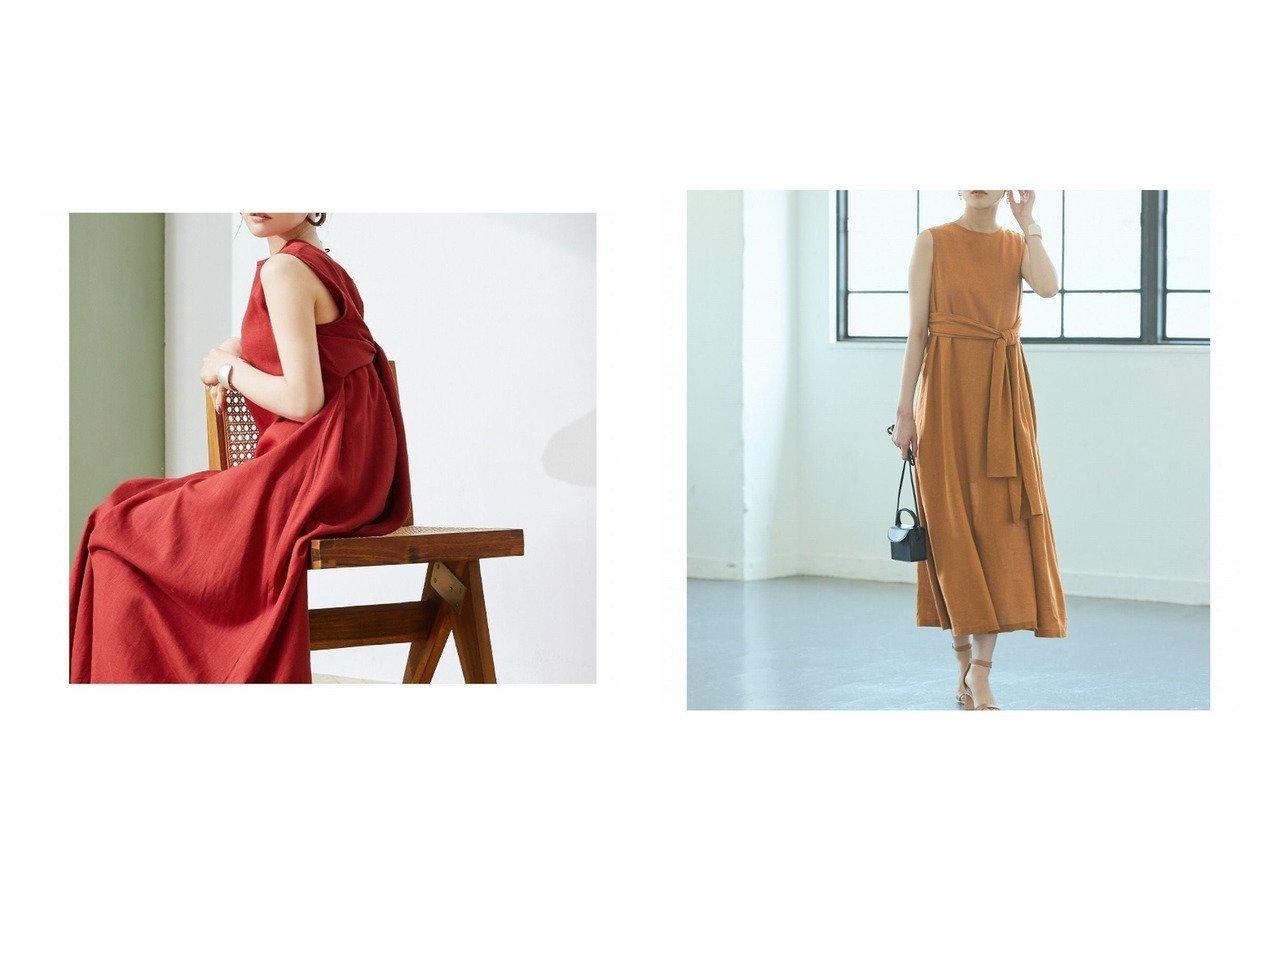 【titivate/ティティベイト】のリネン混2wayリボンマキシワンピース おすすめ!人気、トレンド・レディースファッションの通販 おすすめで人気の流行・トレンド、ファッションの通販商品 インテリア・家具・メンズファッション・キッズファッション・レディースファッション・服の通販 founy(ファニー) https://founy.com/ ファッション Fashion レディースファッション WOMEN ワンピース Dress マキシワンピース Maxi Dress 春 Spring ショート ネップ ペチコート リゾート リネン リボン リラックス 2021年 2021 S/S・春夏 SS・Spring/Summer 2021春夏・S/S SS/Spring/Summer/2021 おすすめ Recommend 夏 Summer |ID:crp329100000062490